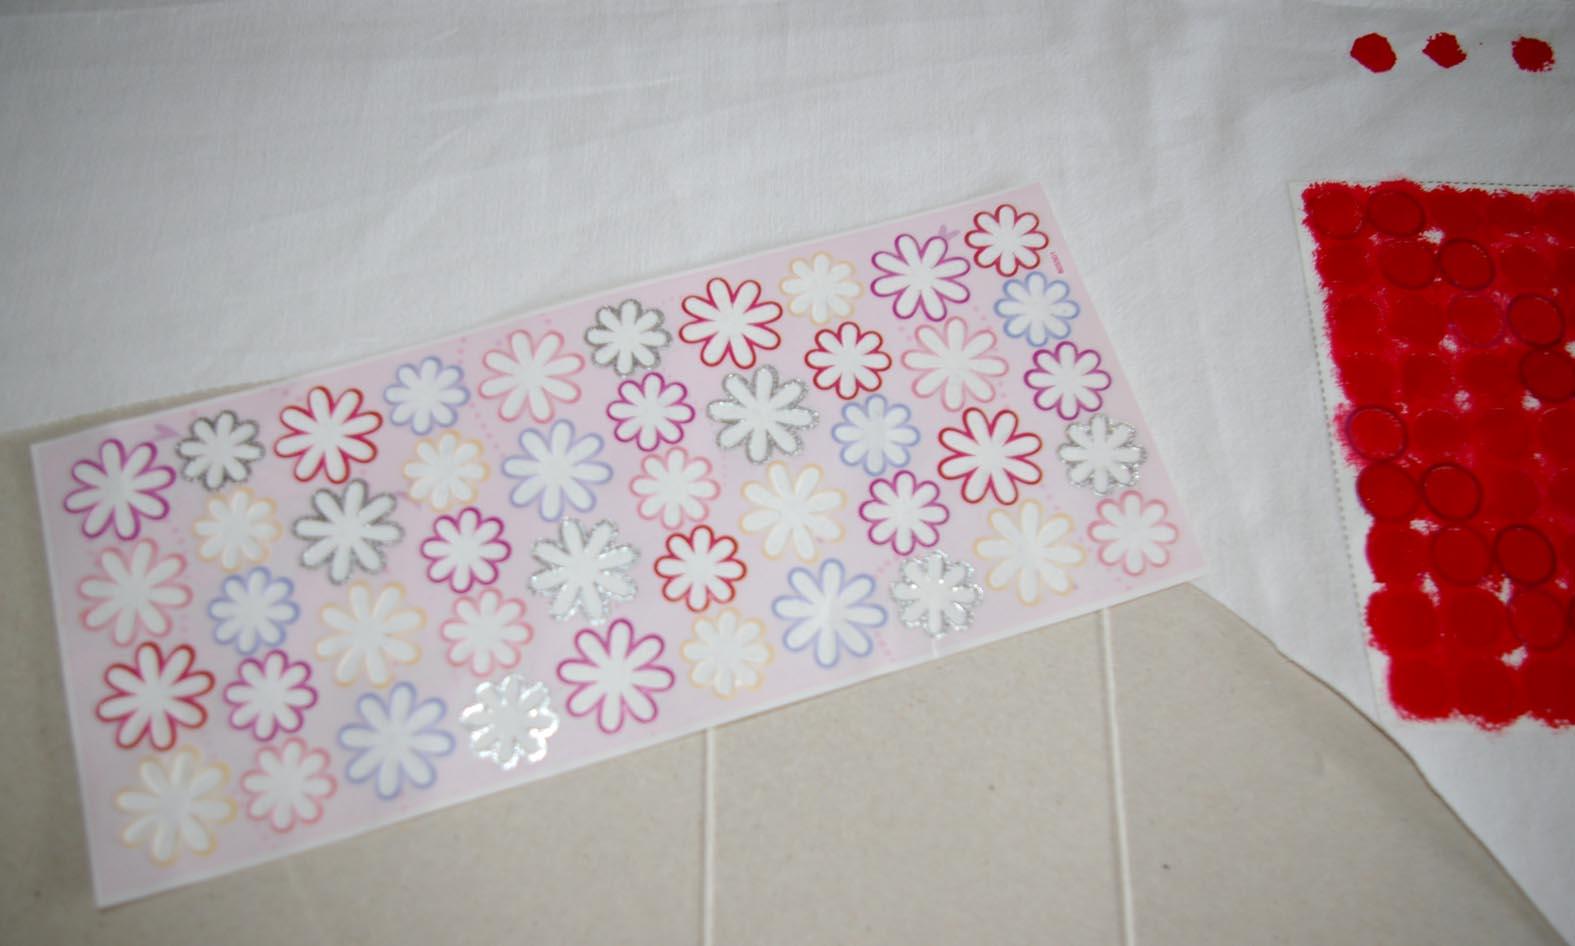 Sticker Waste Fabric Stencilling